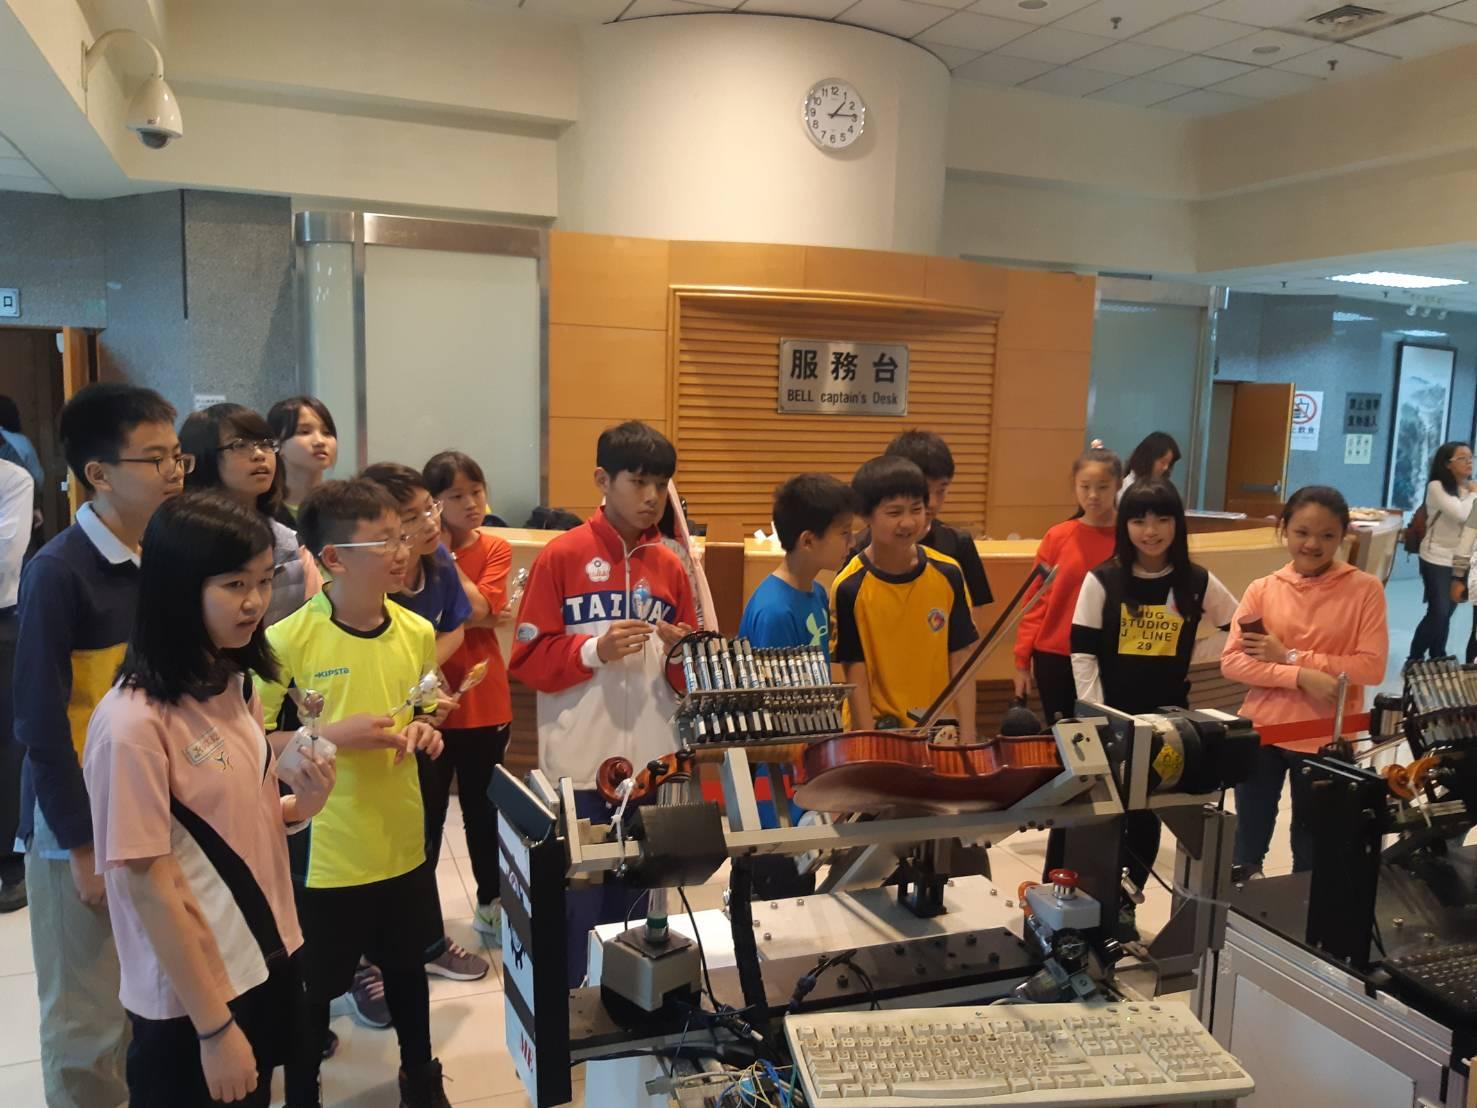 機器人弦樂團拉提琴歡慶兒童節  中原大學結合科技與人文關懷服務社會